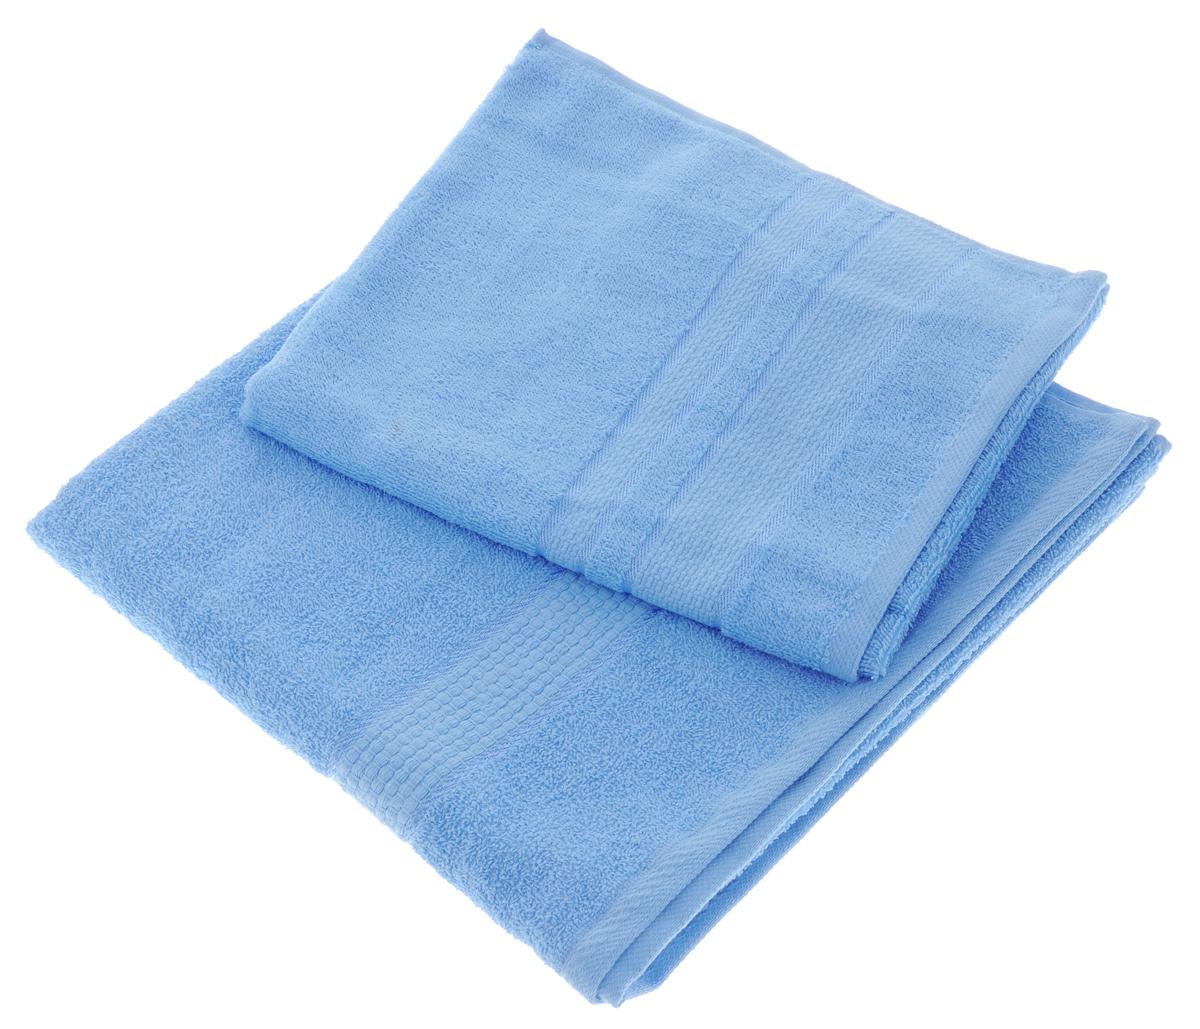 Набор махровых полотенец Aisha Home Textile, цвет: голубой, 2 шт. УзТ-НПМ-10282980Набор Aisha Home Textile состоит из двух махровых полотенец разного размера.В состав входит только натуральное волокно - 100% хлопок. Лаконичные бордюрыподойдут для любого интерьера ванной комнаты. Полотенца прекрасновпитывают влагу и быстро сохнут. При соблюдении рекомендаций по уходу нелиняют и не теряют форму даже после многократных стирок. Комплектация: 2 шт.